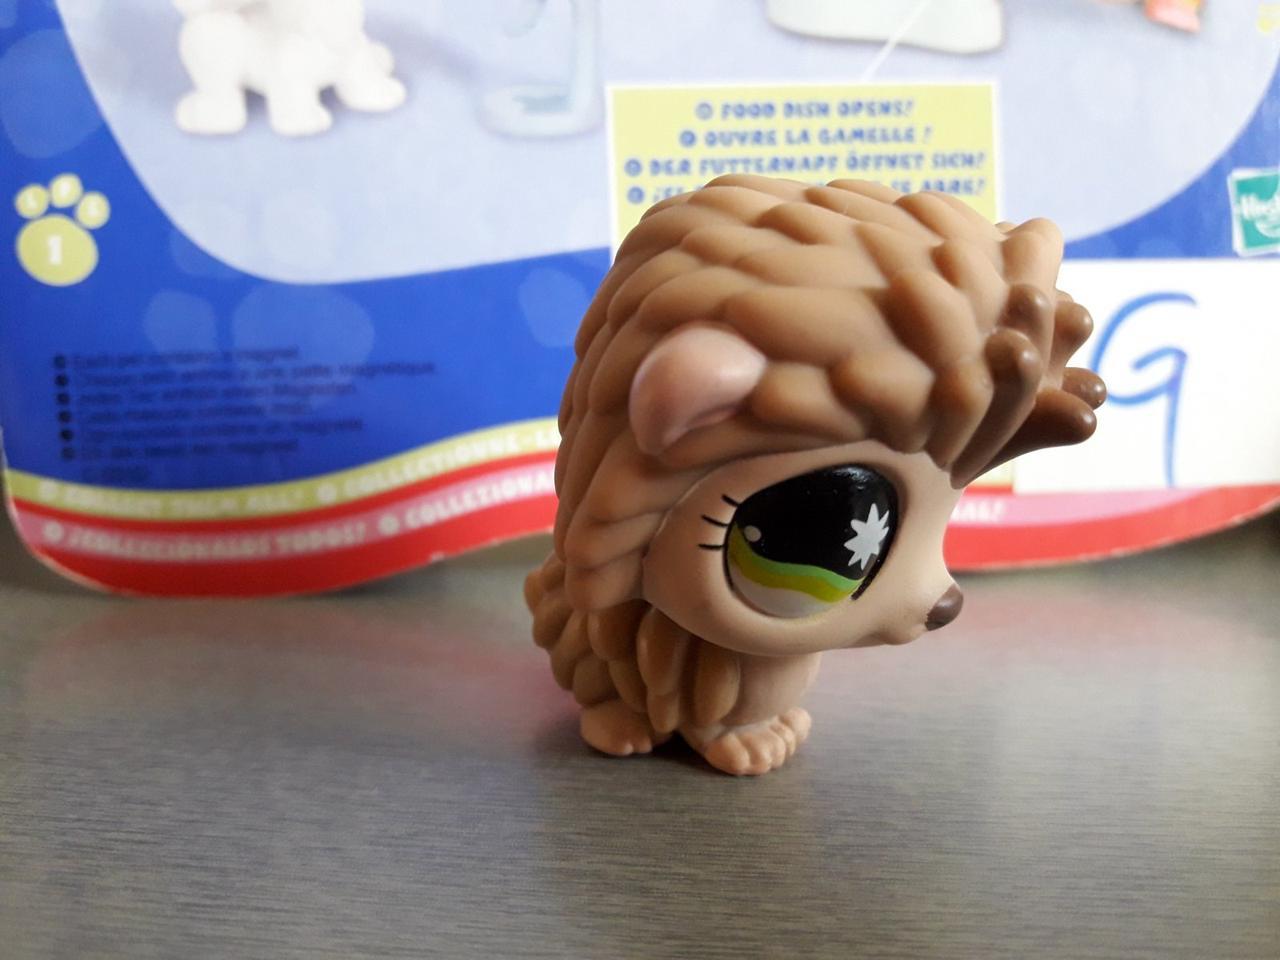 Lps littlest pet shop - лпс # ежик Hasbro старая коллекция